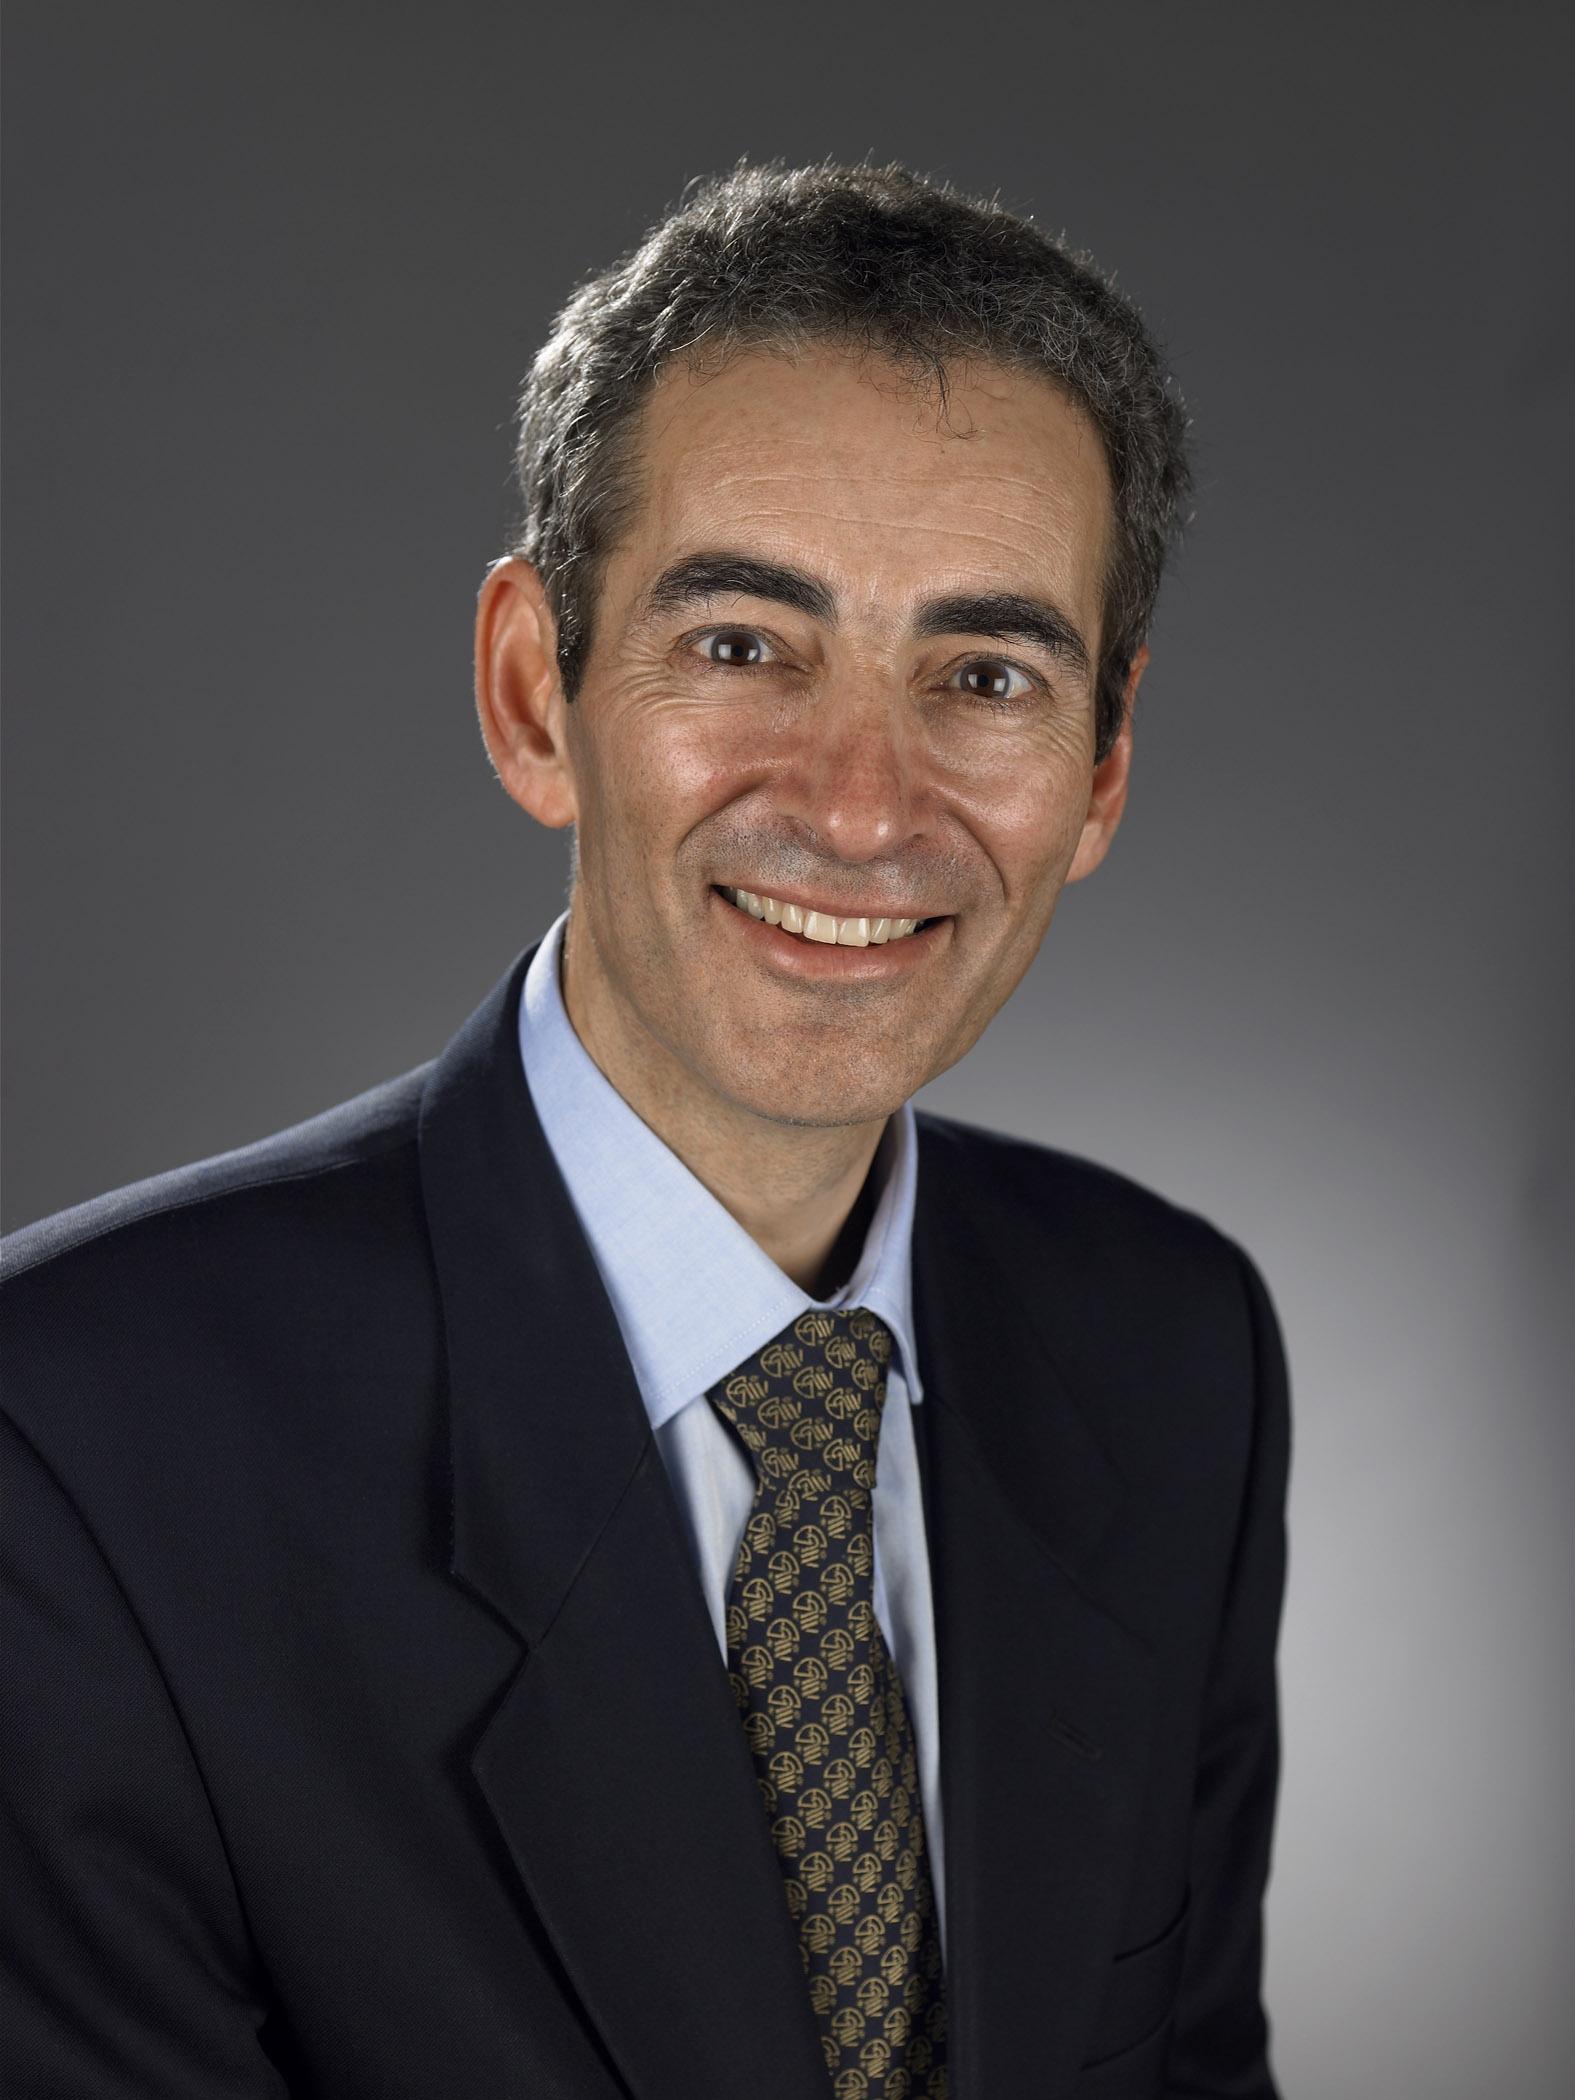 Dr John Santamaria